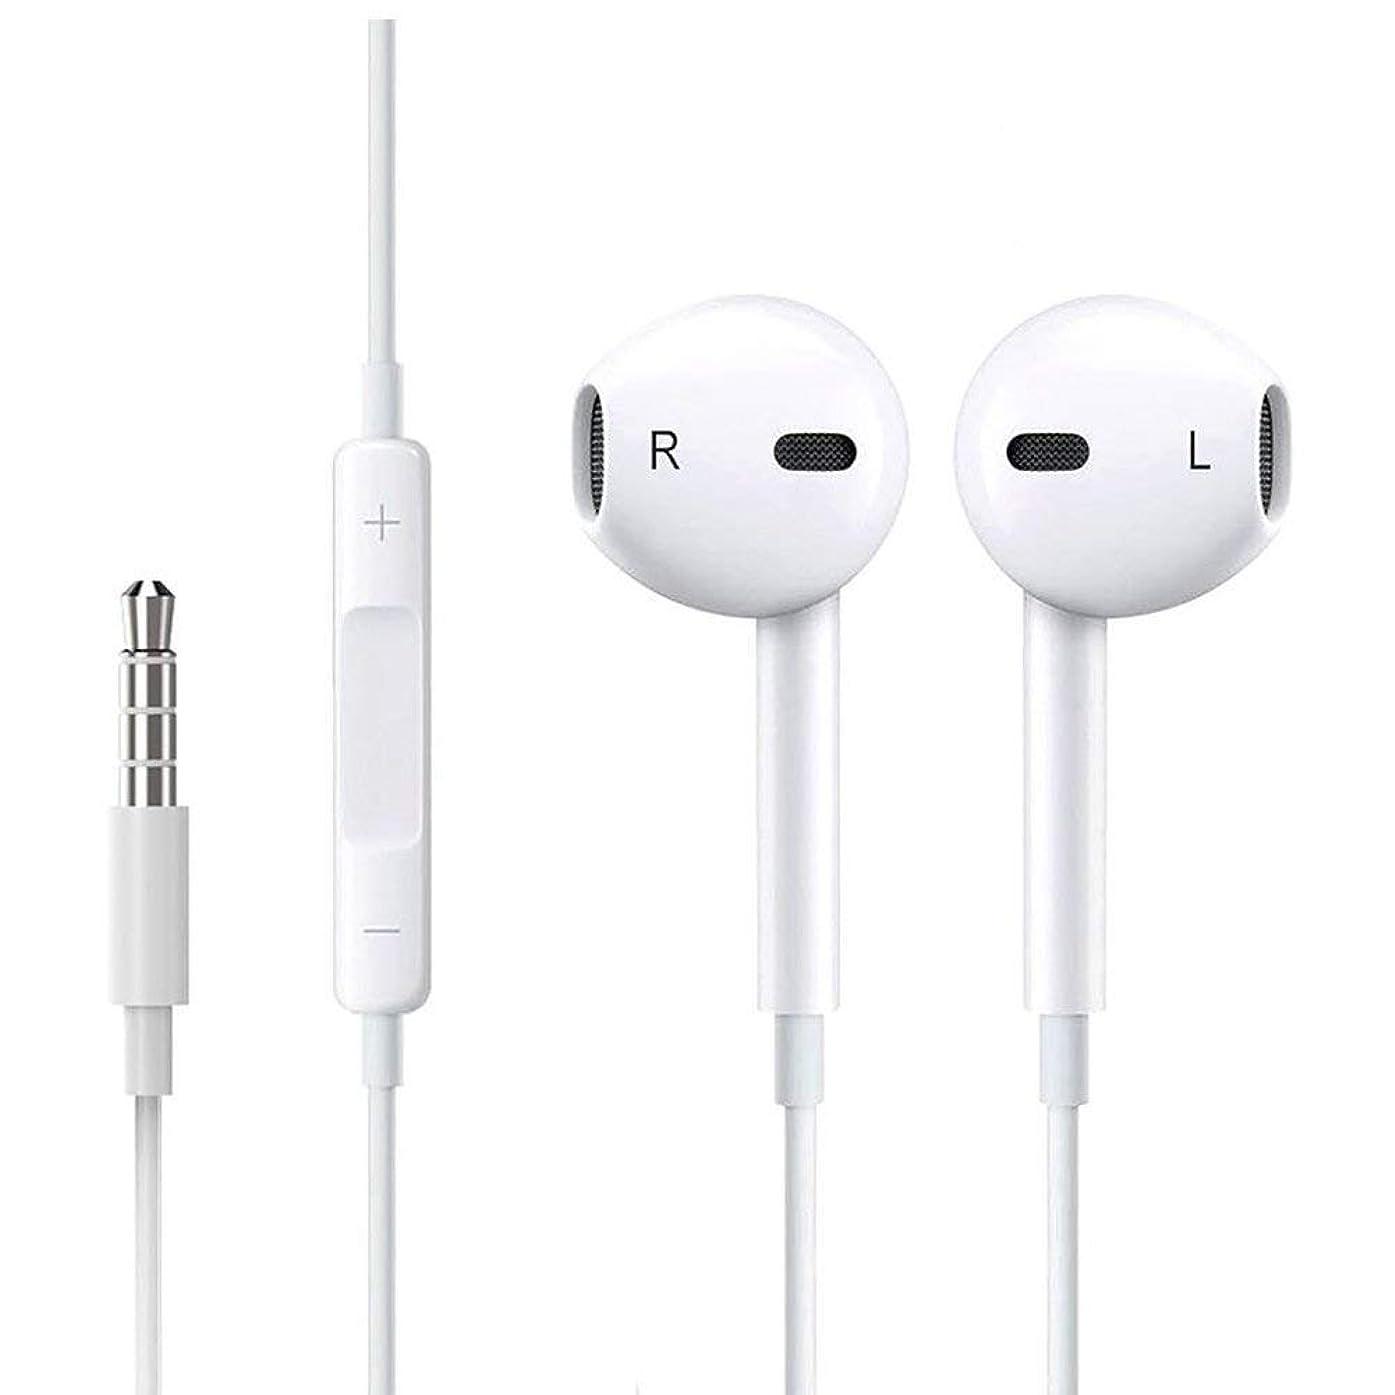 ミスペンドはしご馬力iPhone イヤホン 新品(iPod ? iPhone 用イヤホン) イヤホン リモコン付き マイク付き ステレオイヤフォン ヘッドホン コンパクト 高音質 通話可能